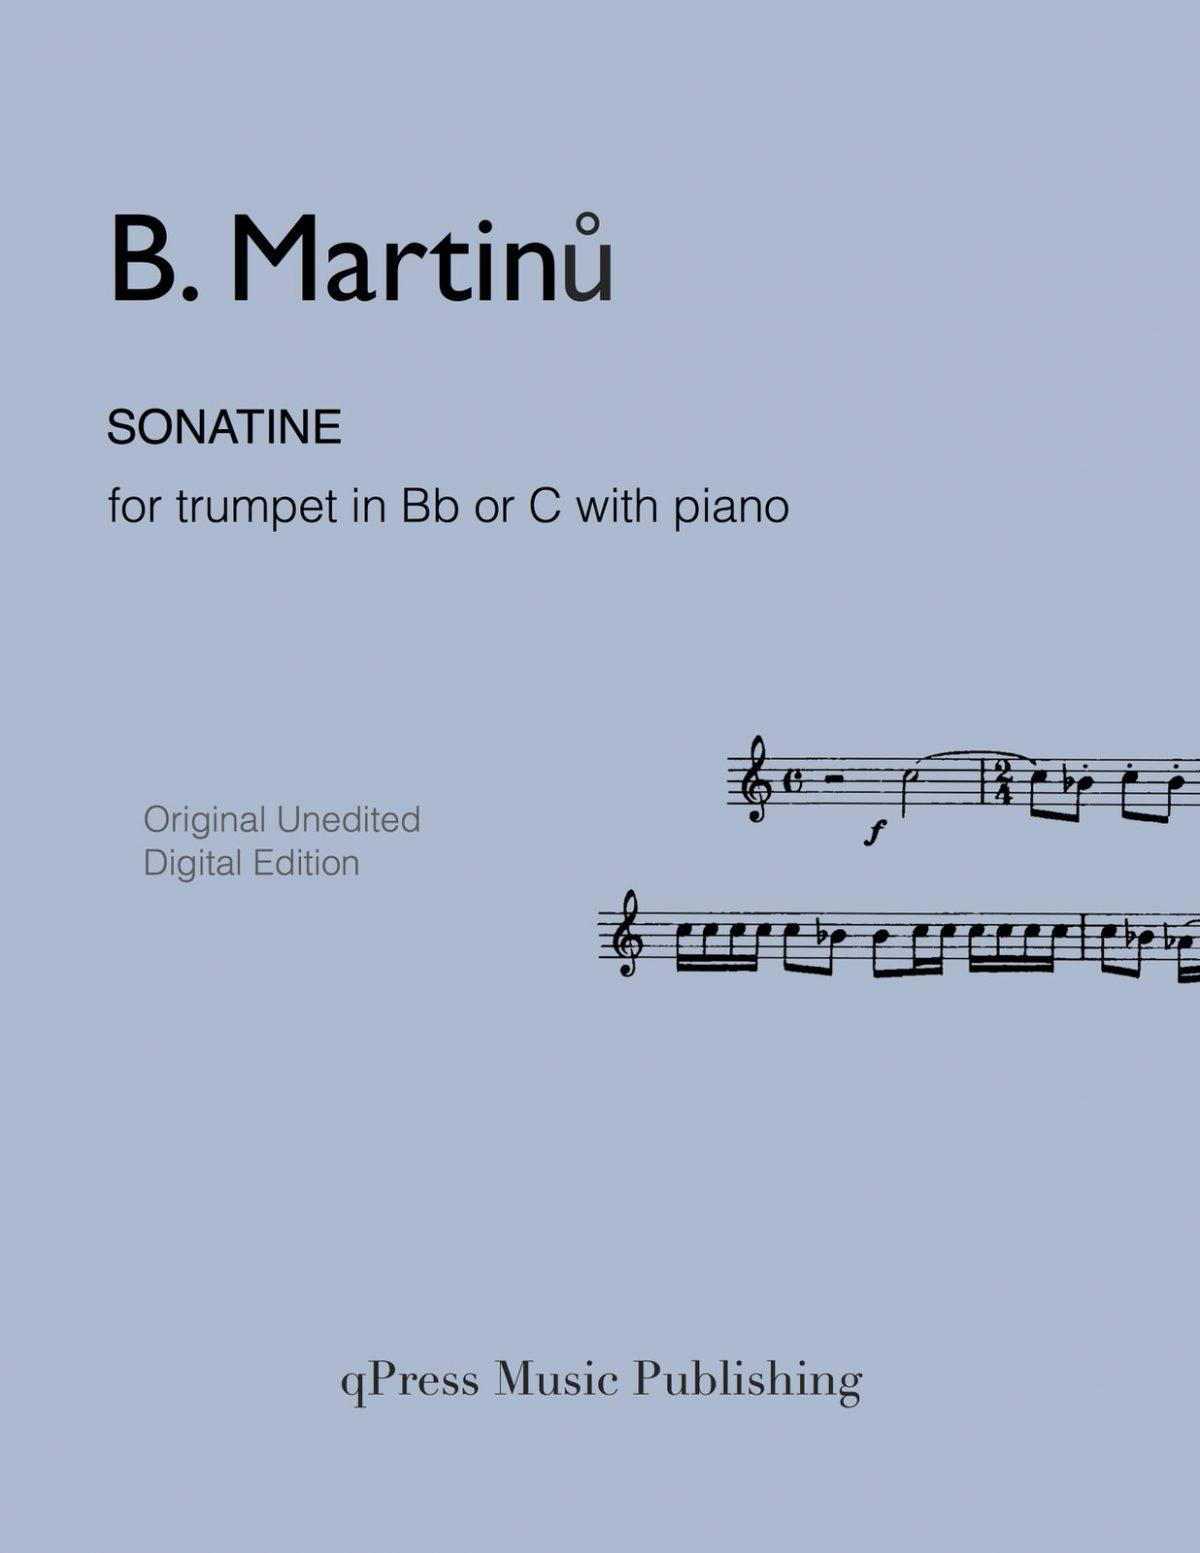 martinu-sonatine